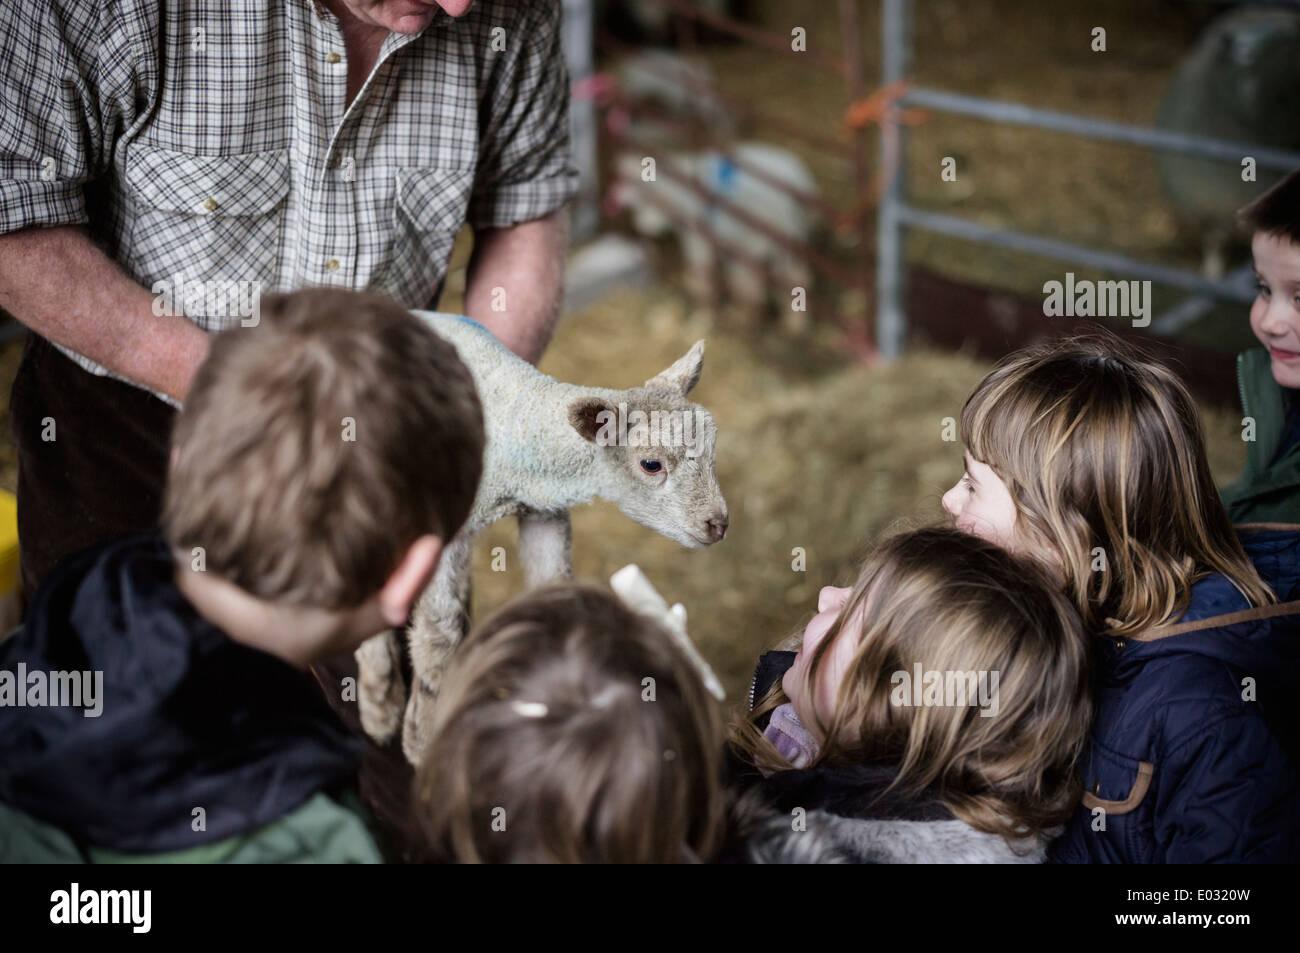 Kinder und Neugeborene Lämmer in einem Lämmer Schuppen. Stockbild